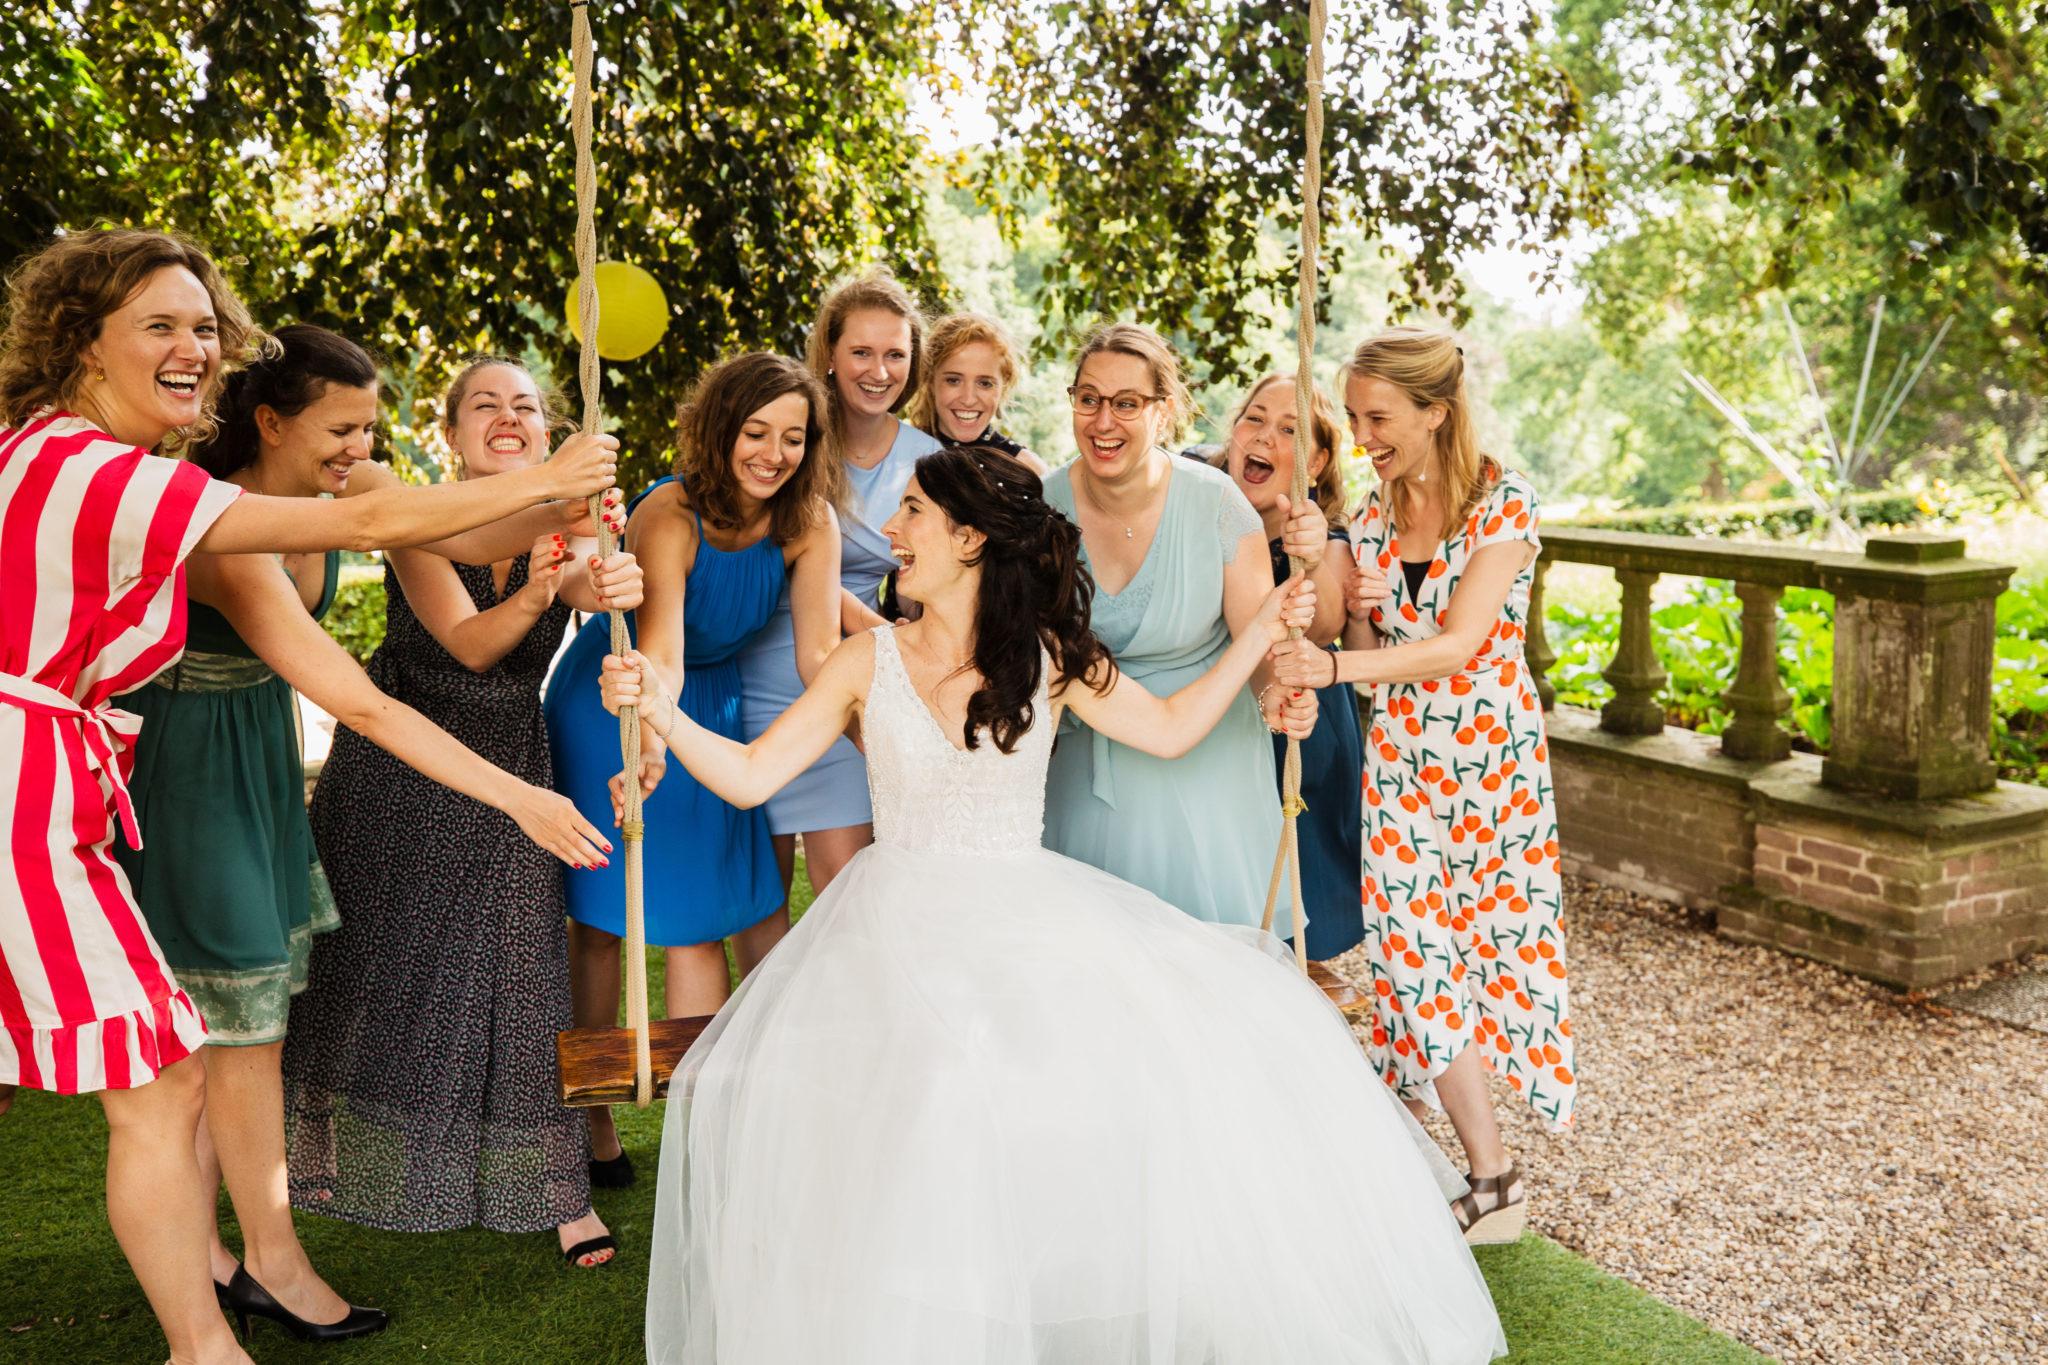 Groepsfoto bruid met vriendinnen